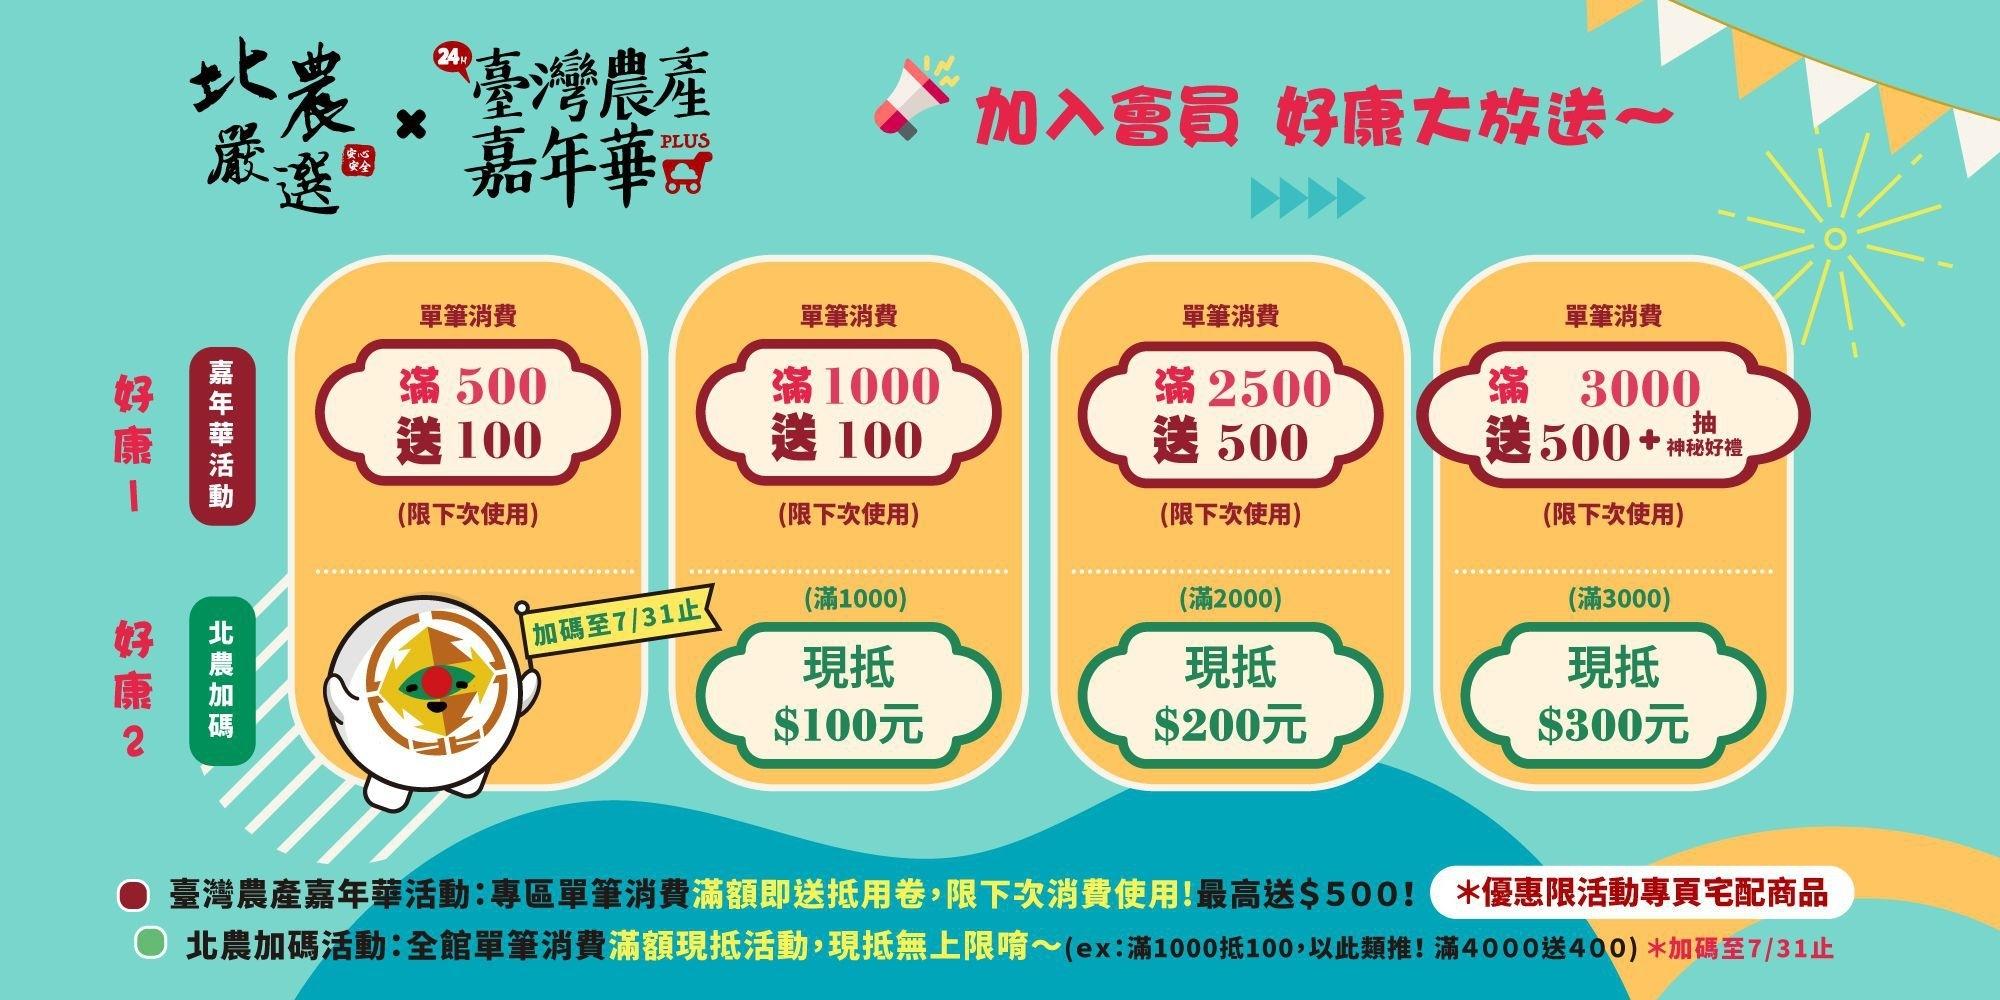 臺灣農產嘉年華PLUS,於活動期間(2020/07/01~12/31 )加入會員、購買本區活動商品,單筆滿500送100購物金、滿2500送500購物金、滿3000元更可抽限量神秘好禮。